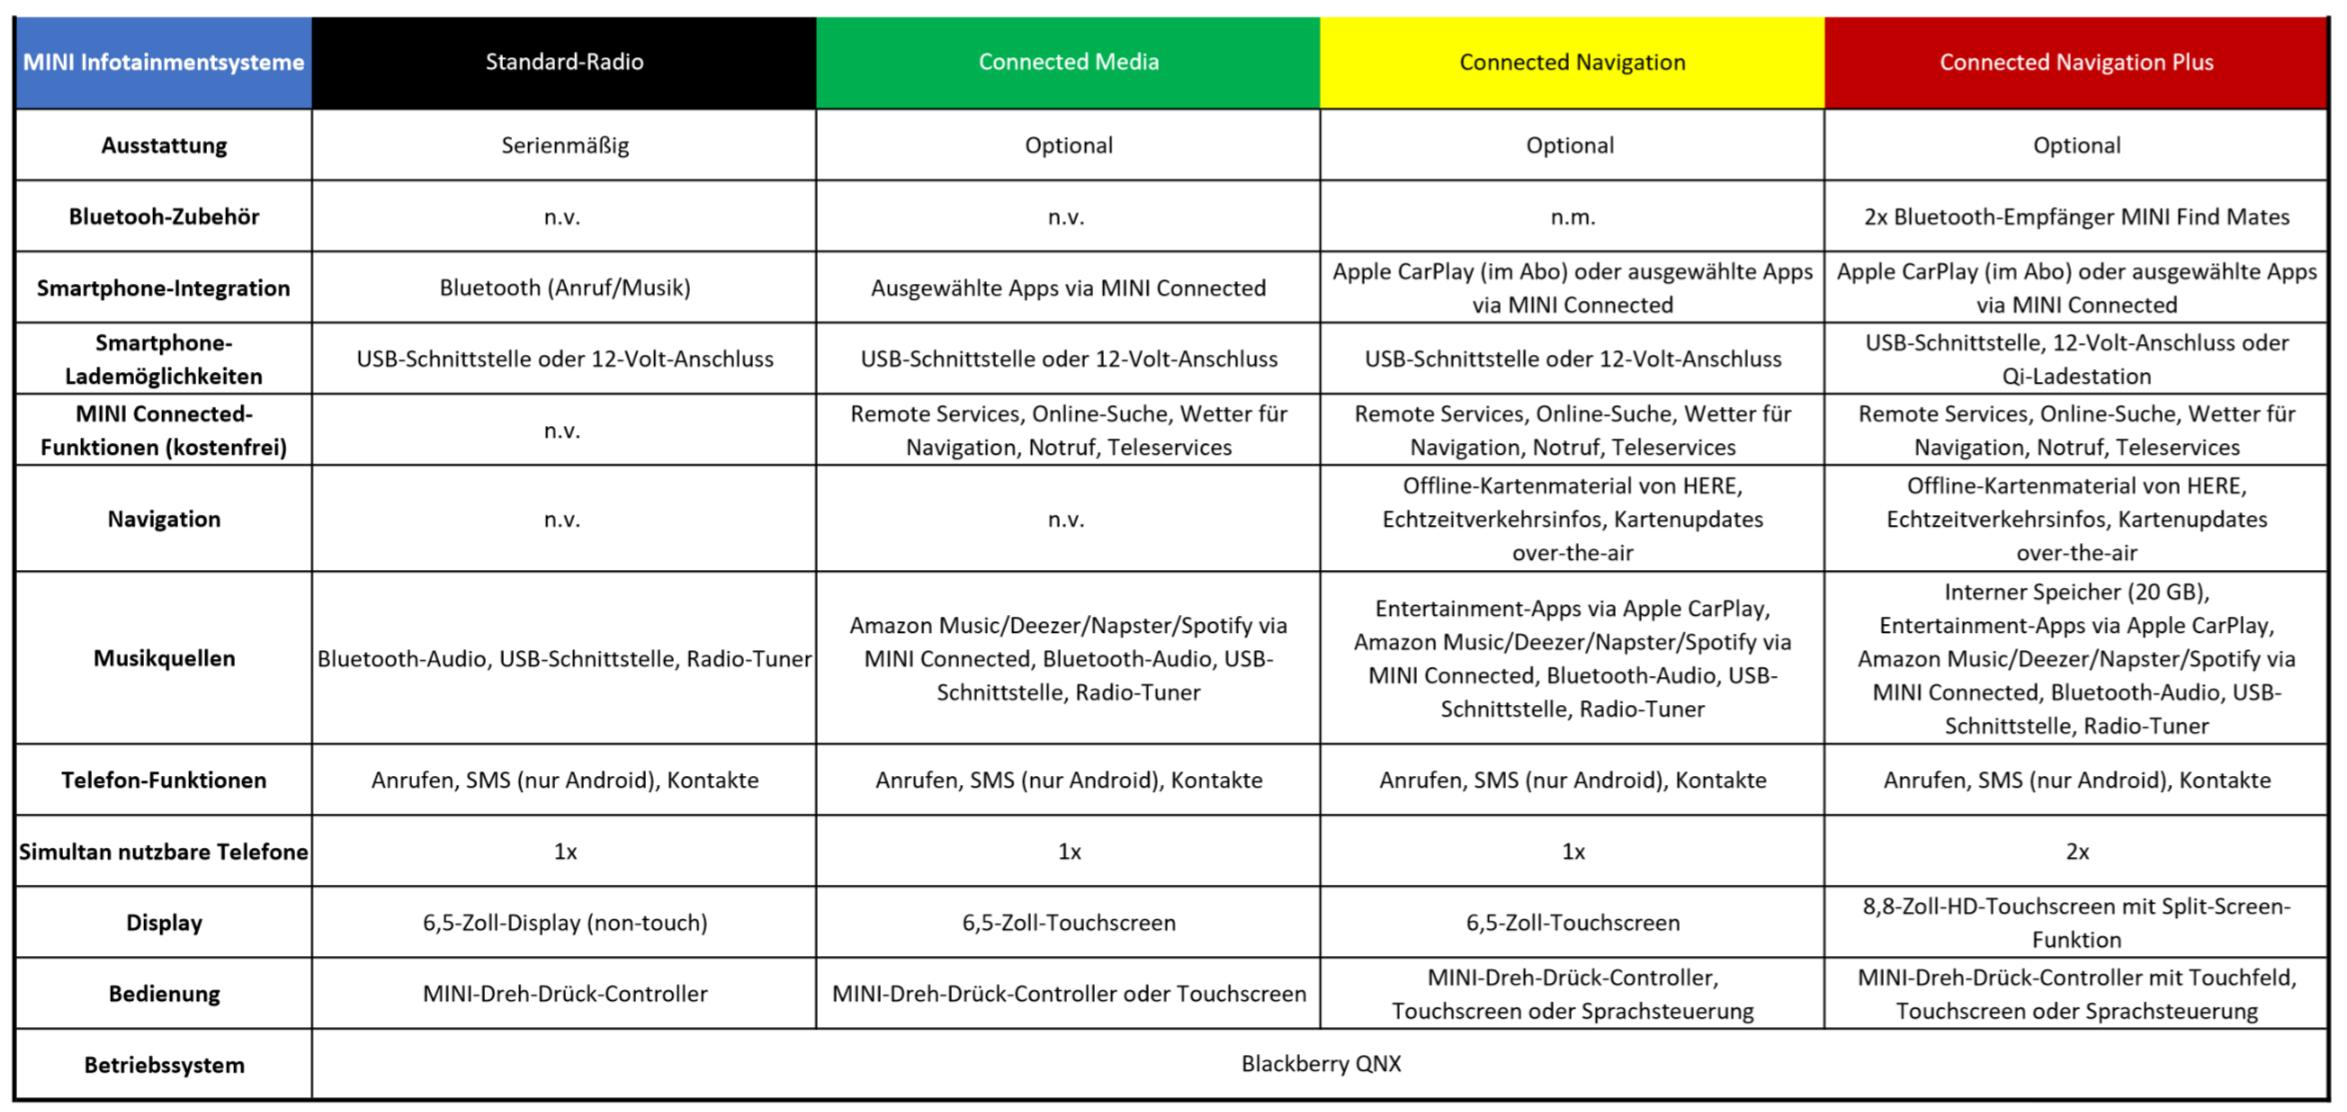 Übersichtstabelle zu MINI Infotainmentsystemen des Baujahres 2018.